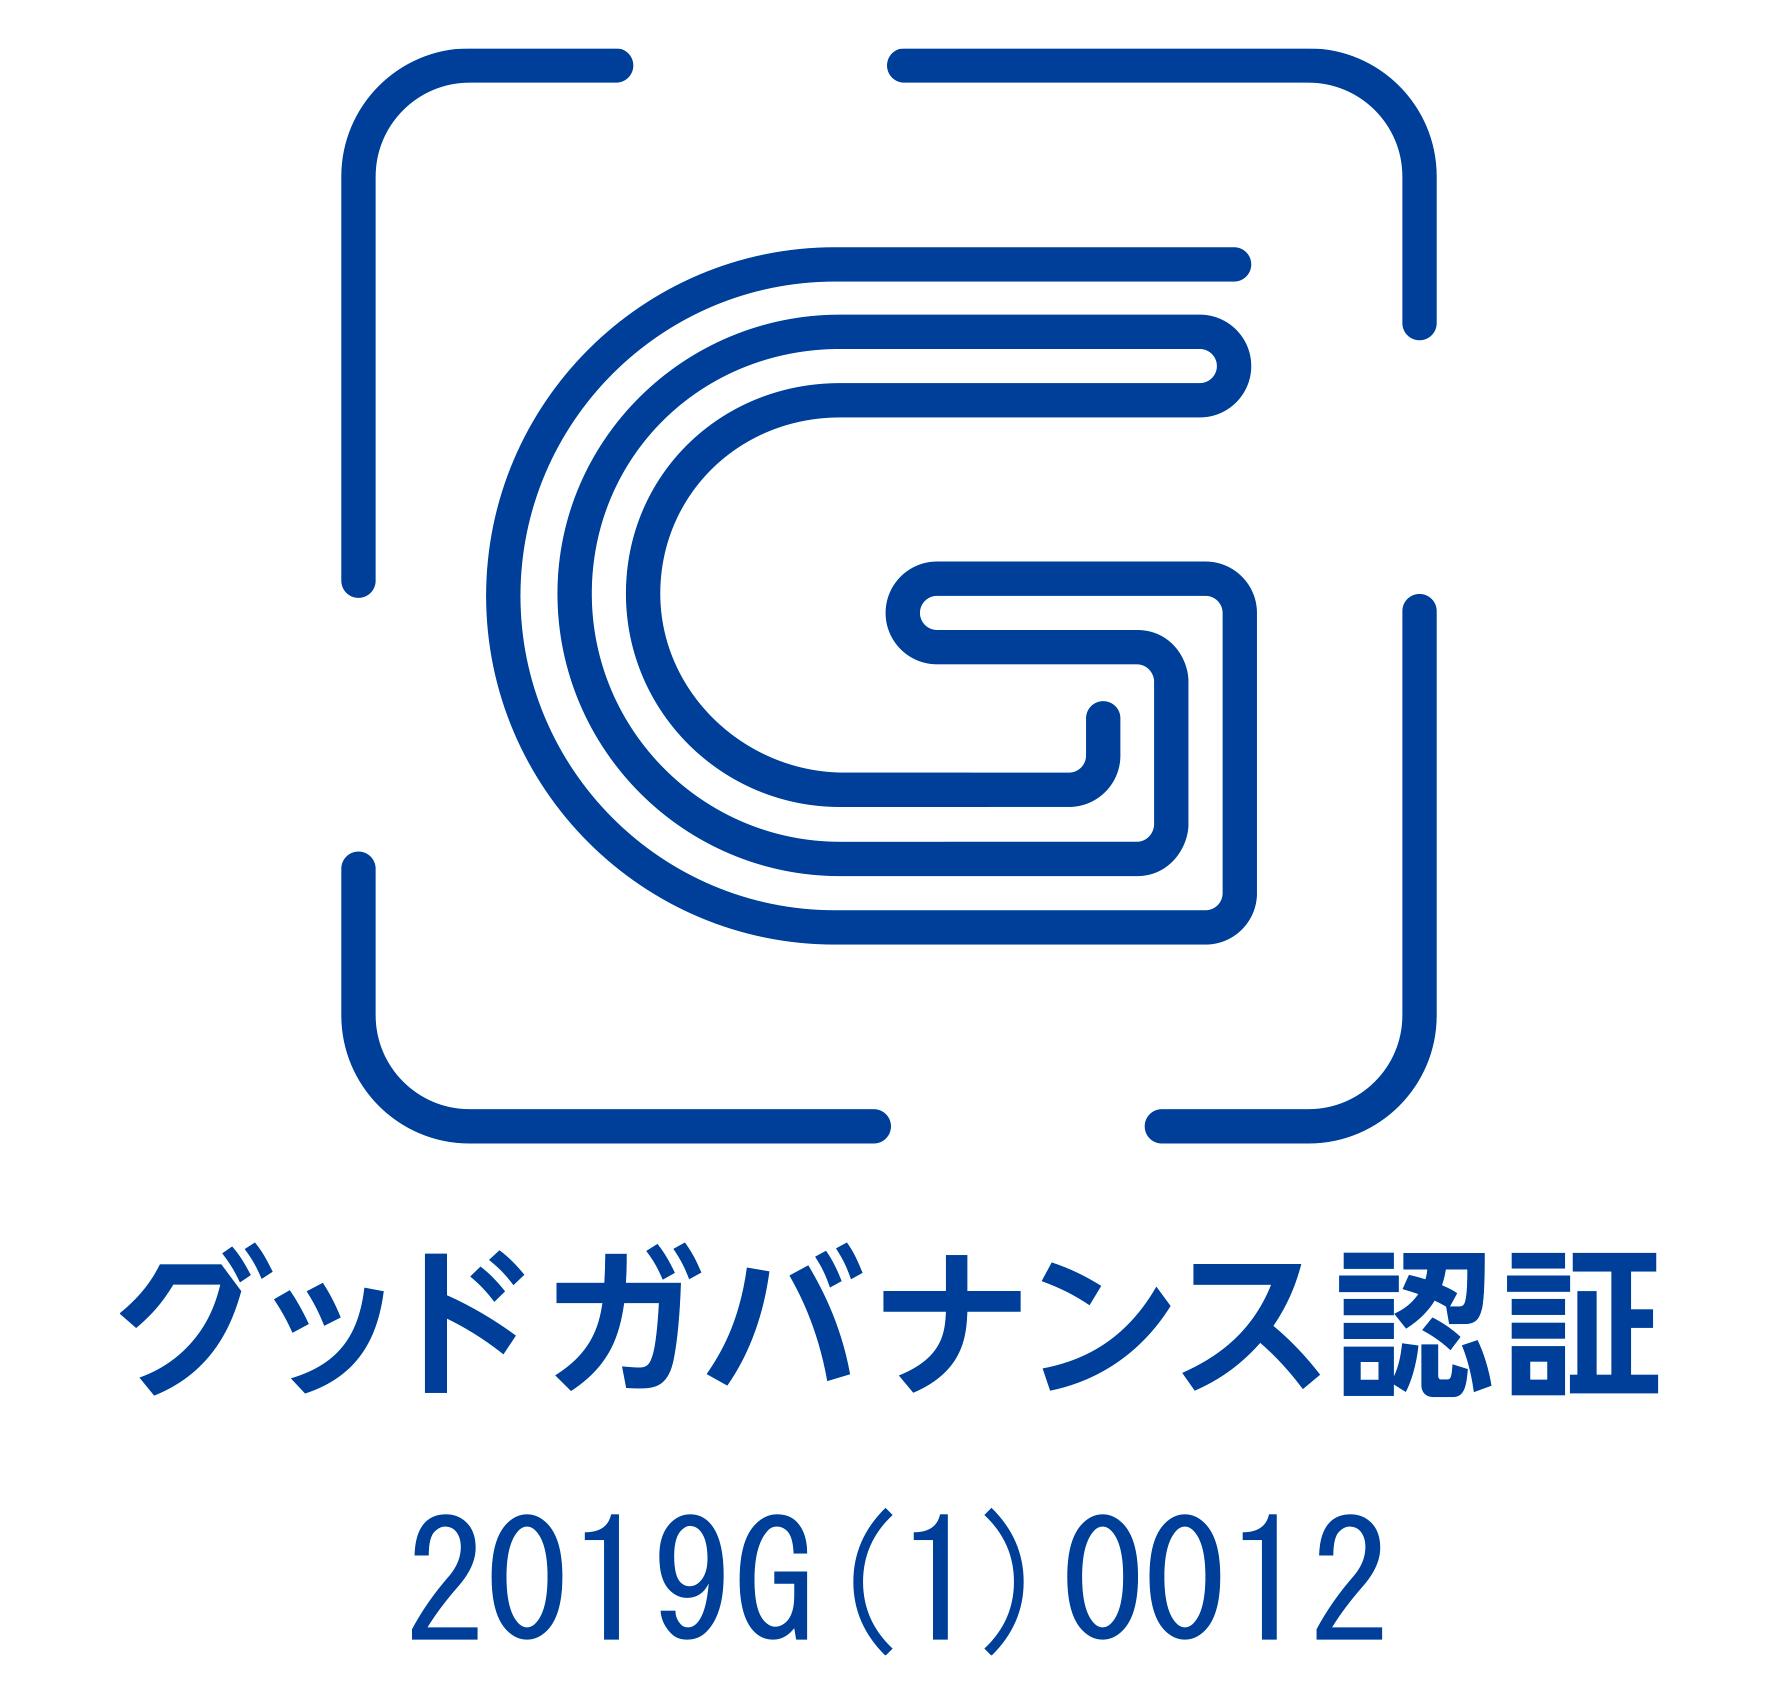 グッドガバナンス認証:2019G(0)0012